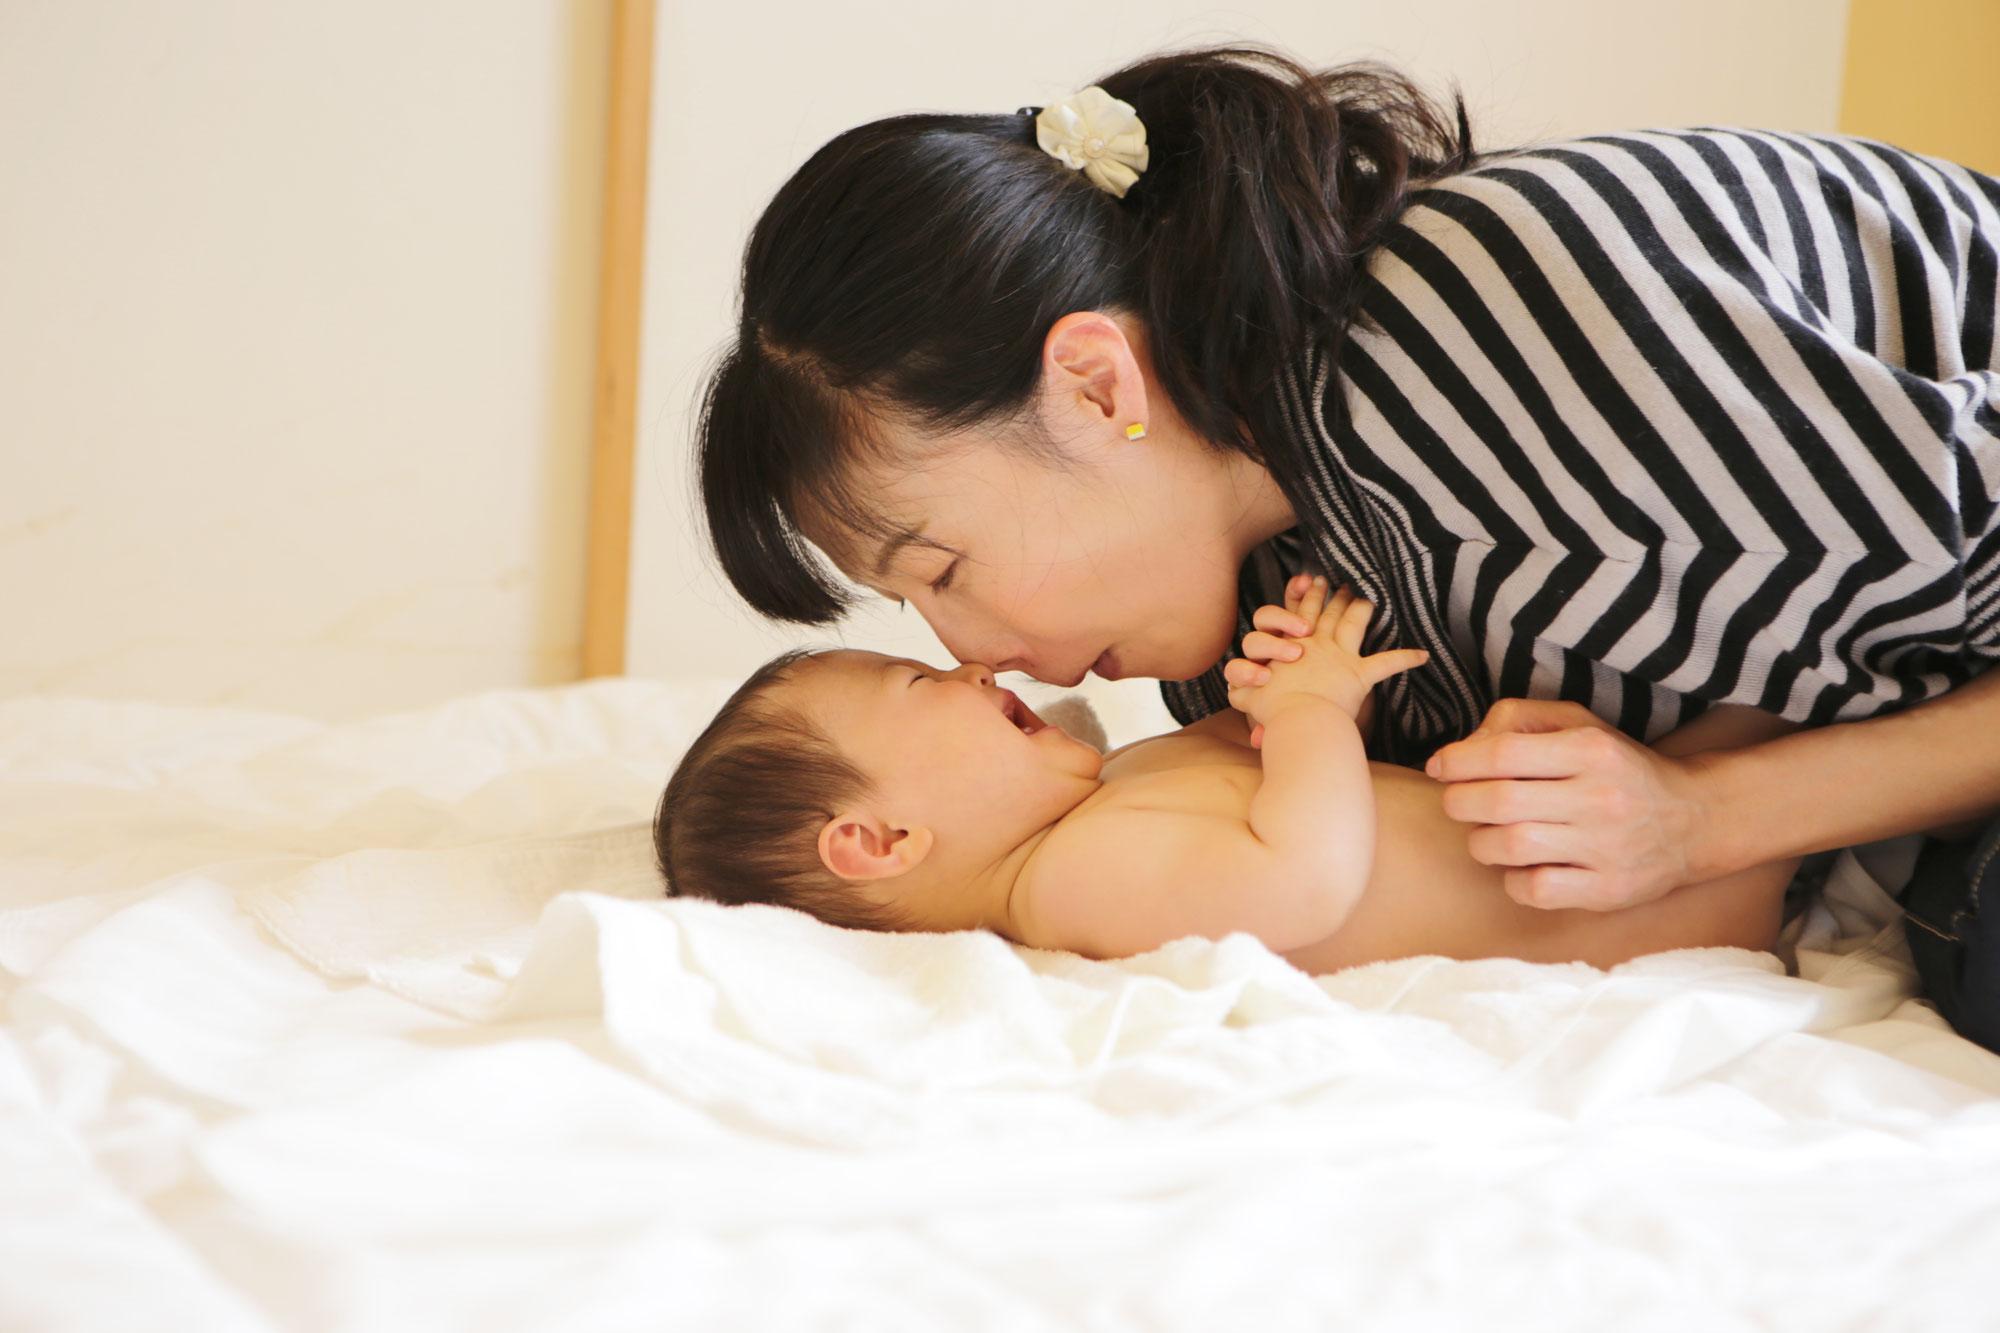 「生後2か月未満のわが子とベビーマッサージ希望!」の声にはこう答えます。